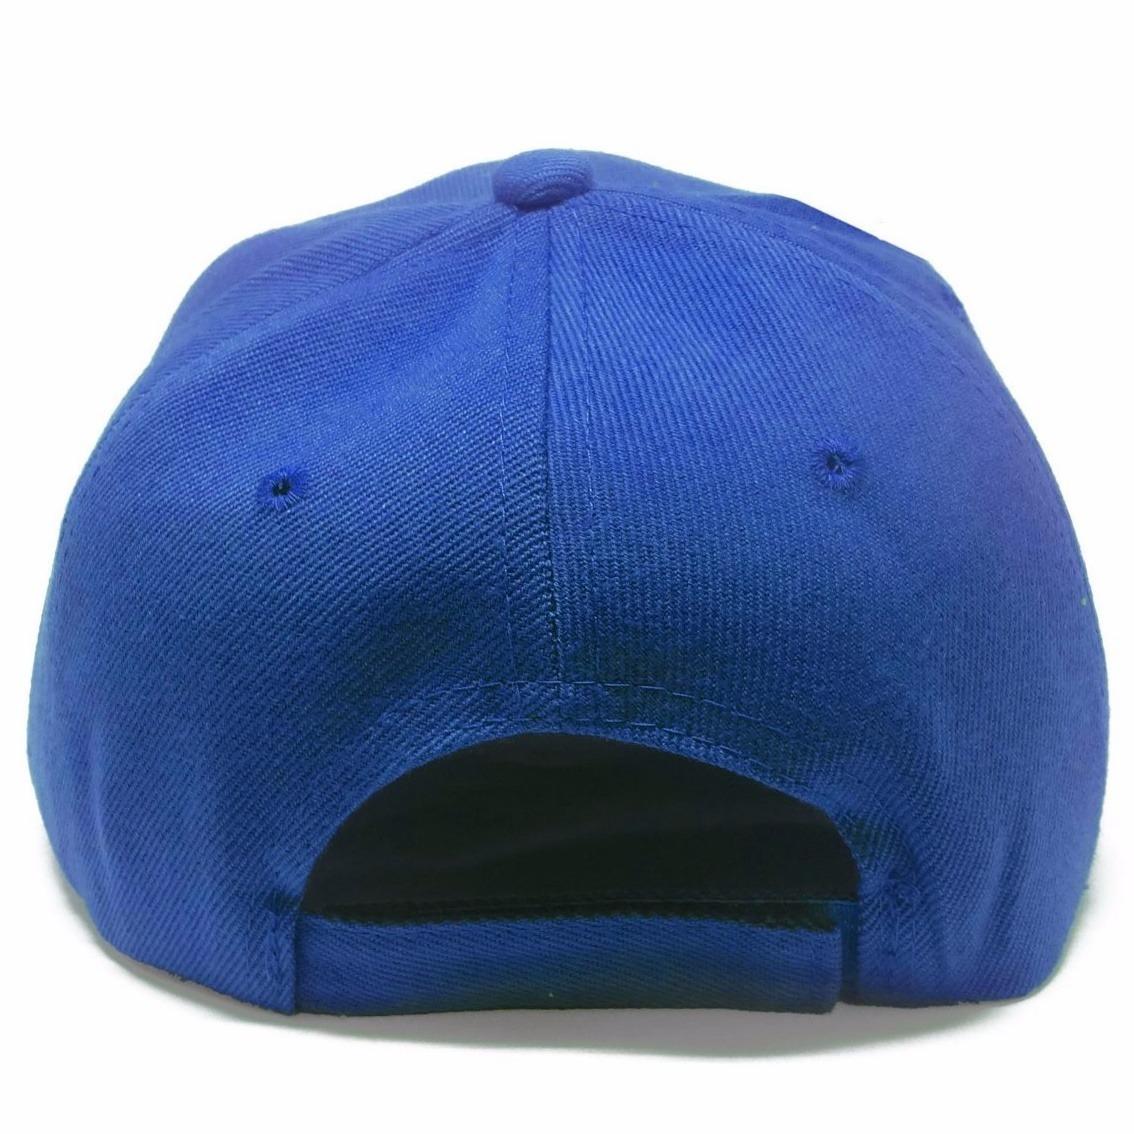 boné azul liso brim aba reta 5 gomos sem estampa. Carregando zoom. 3b92f2147b9